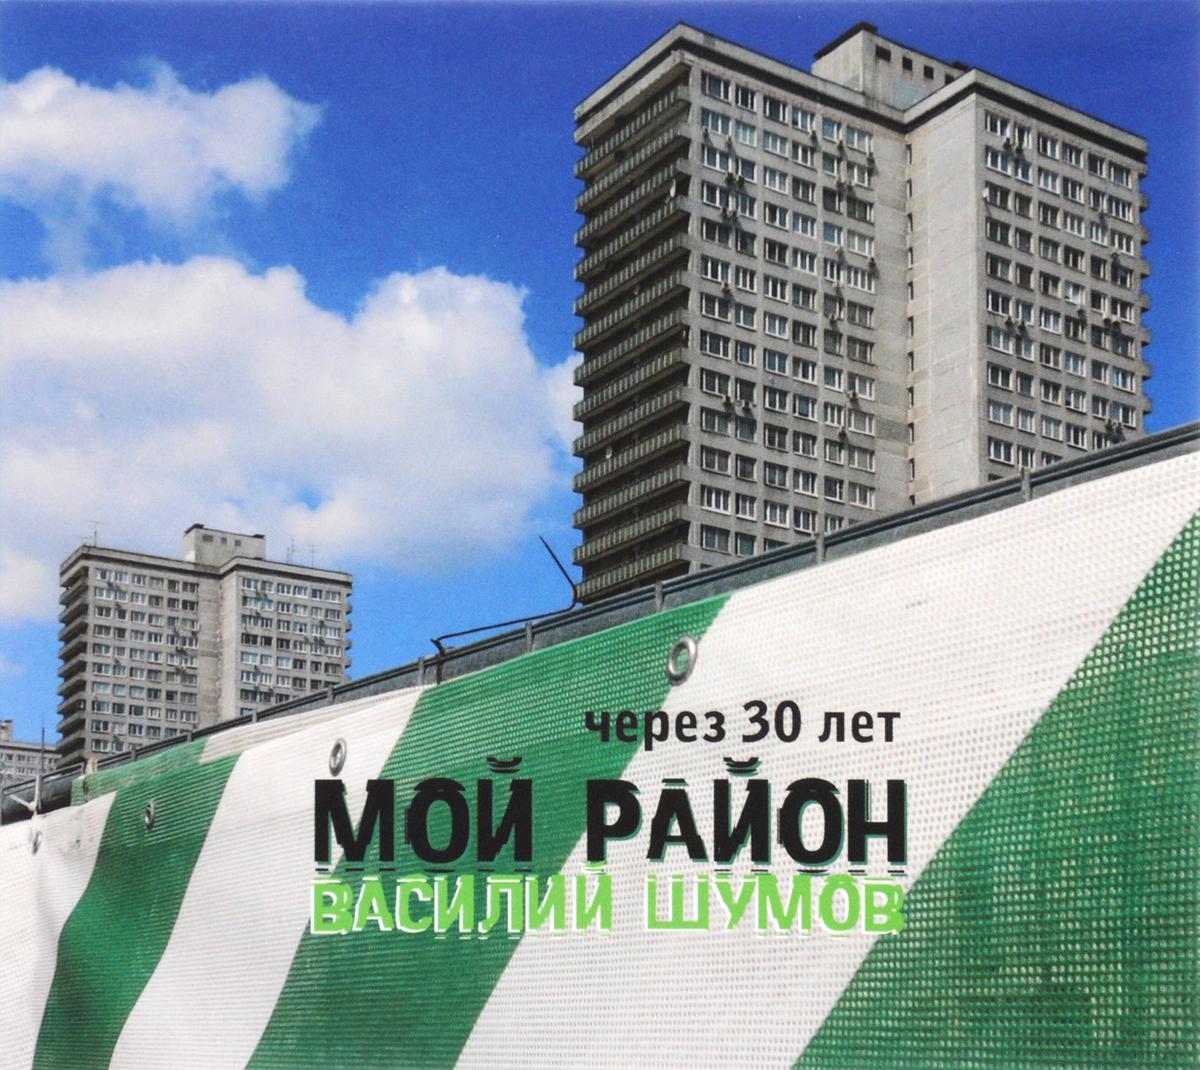 Василий Шумов Василий Шумов. Мой район через 30 лет василий литовченко мой город